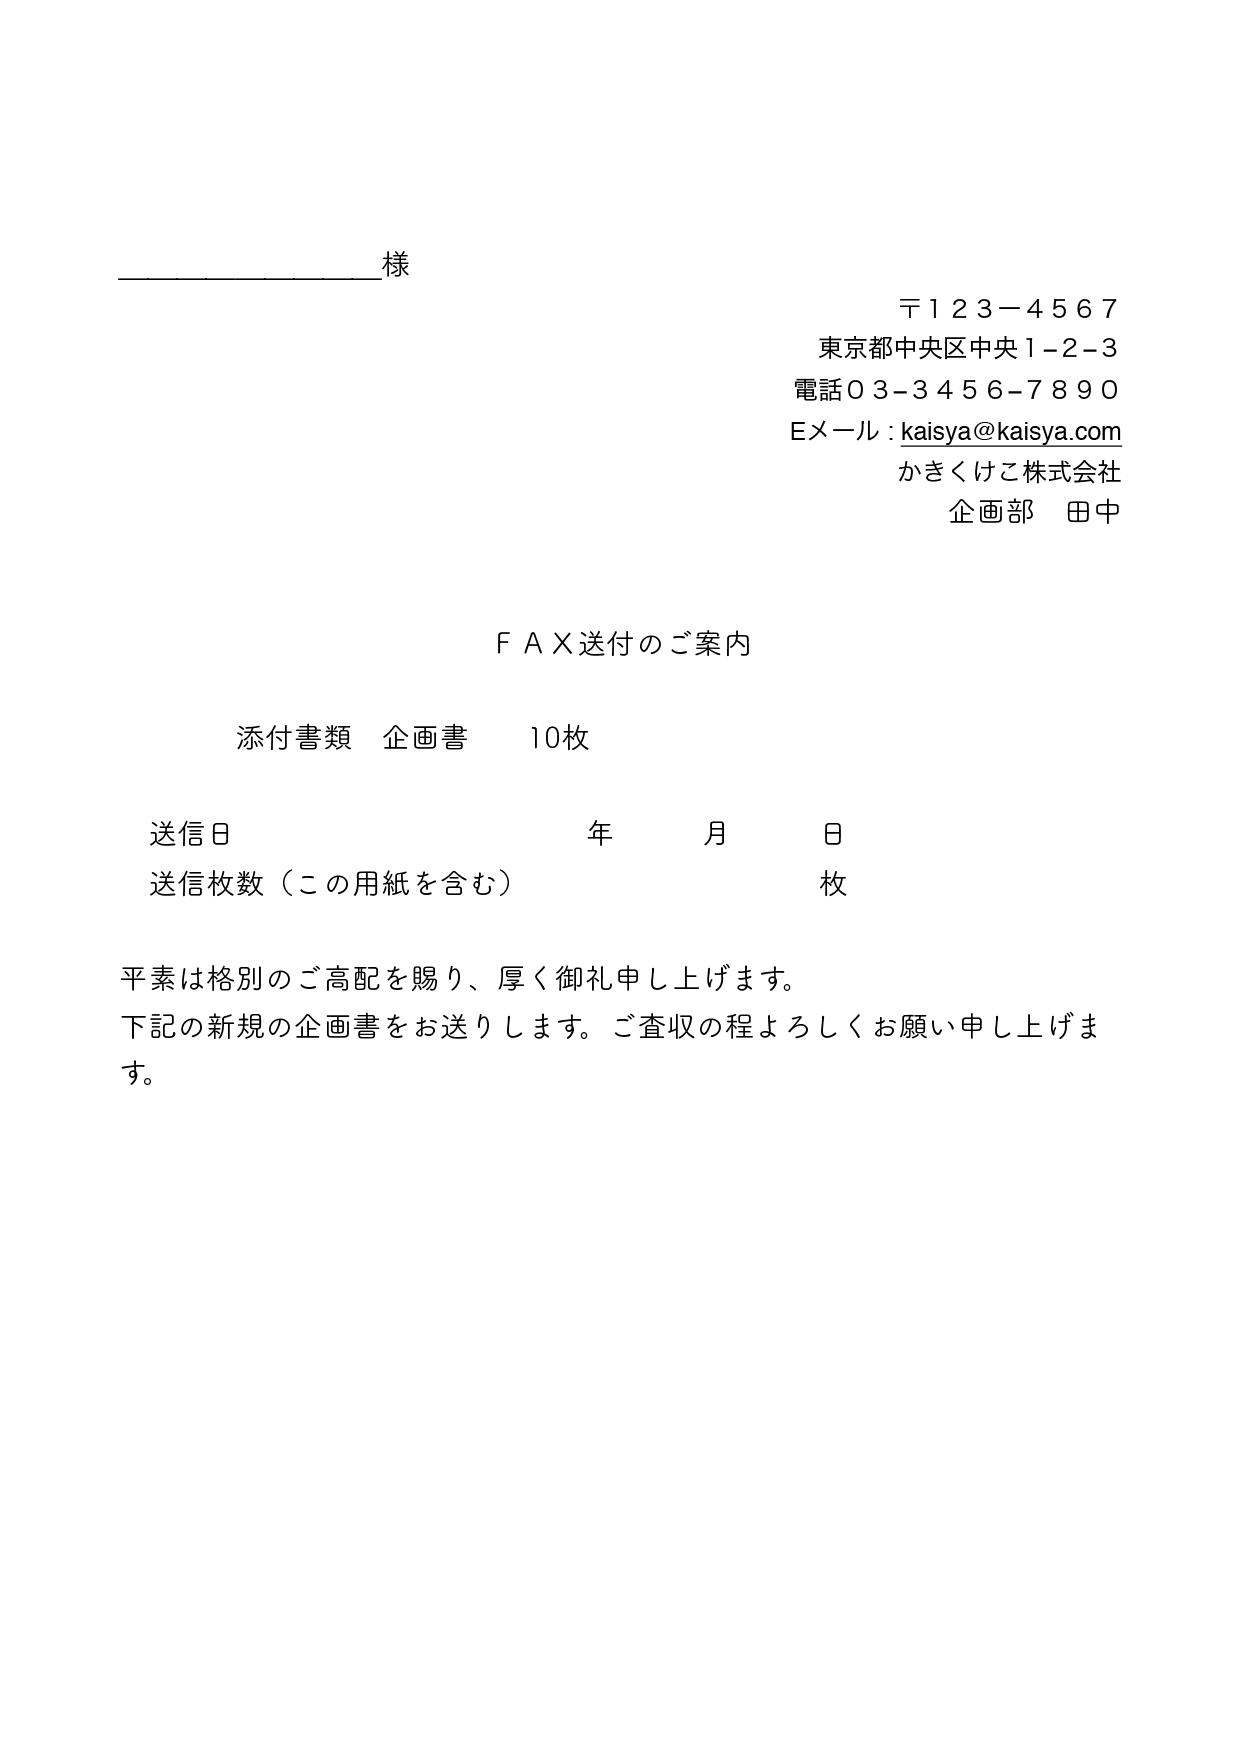 FAX送付状(FAX送付案内)のテンプレート(ワード、ページズ)